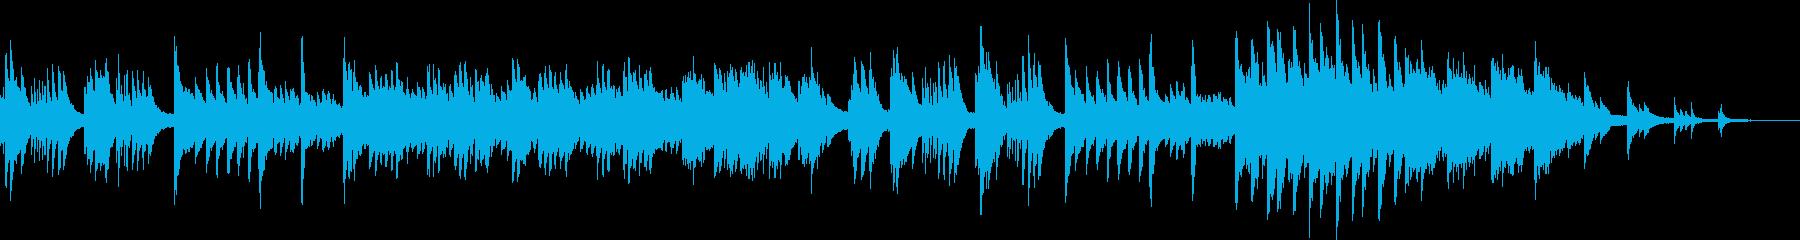 波紋をイメージした甘美なピアノソロの再生済みの波形